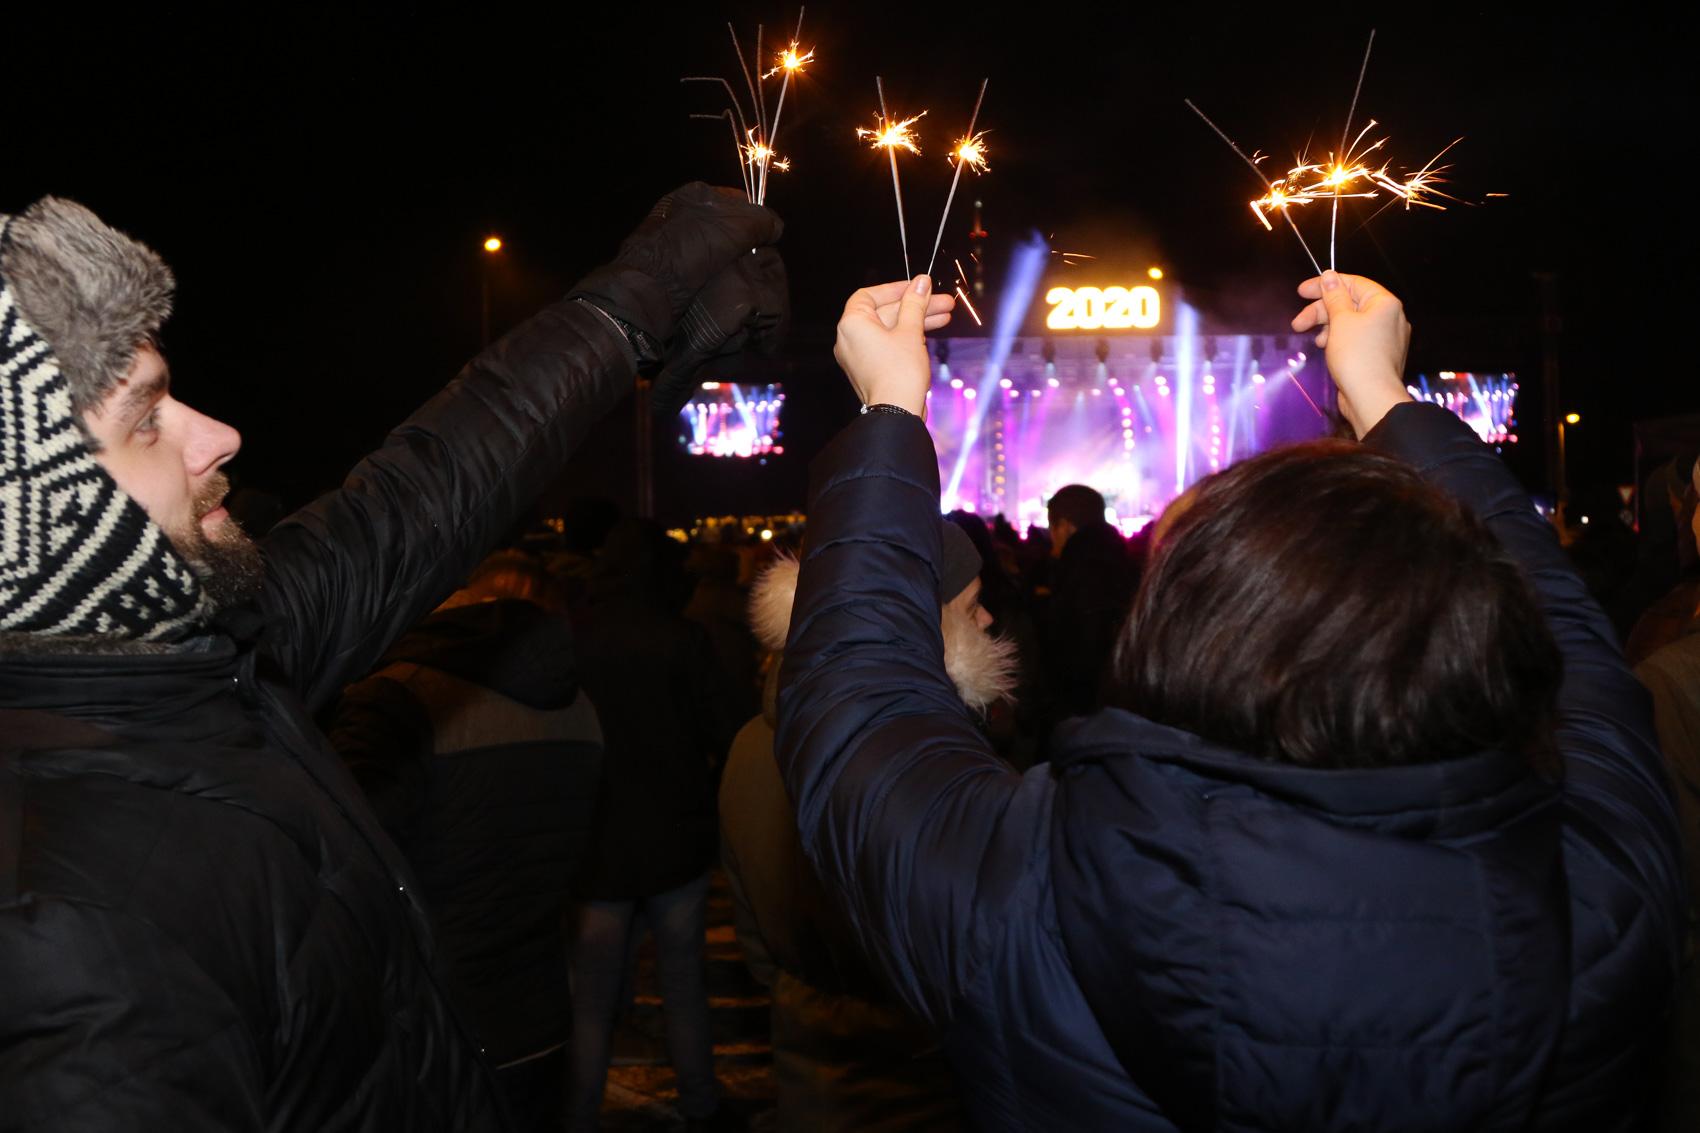 Liepājā Jauno gadu sagaida, savijoties latviskām tradīcijām ar leģendāru pasaules roku